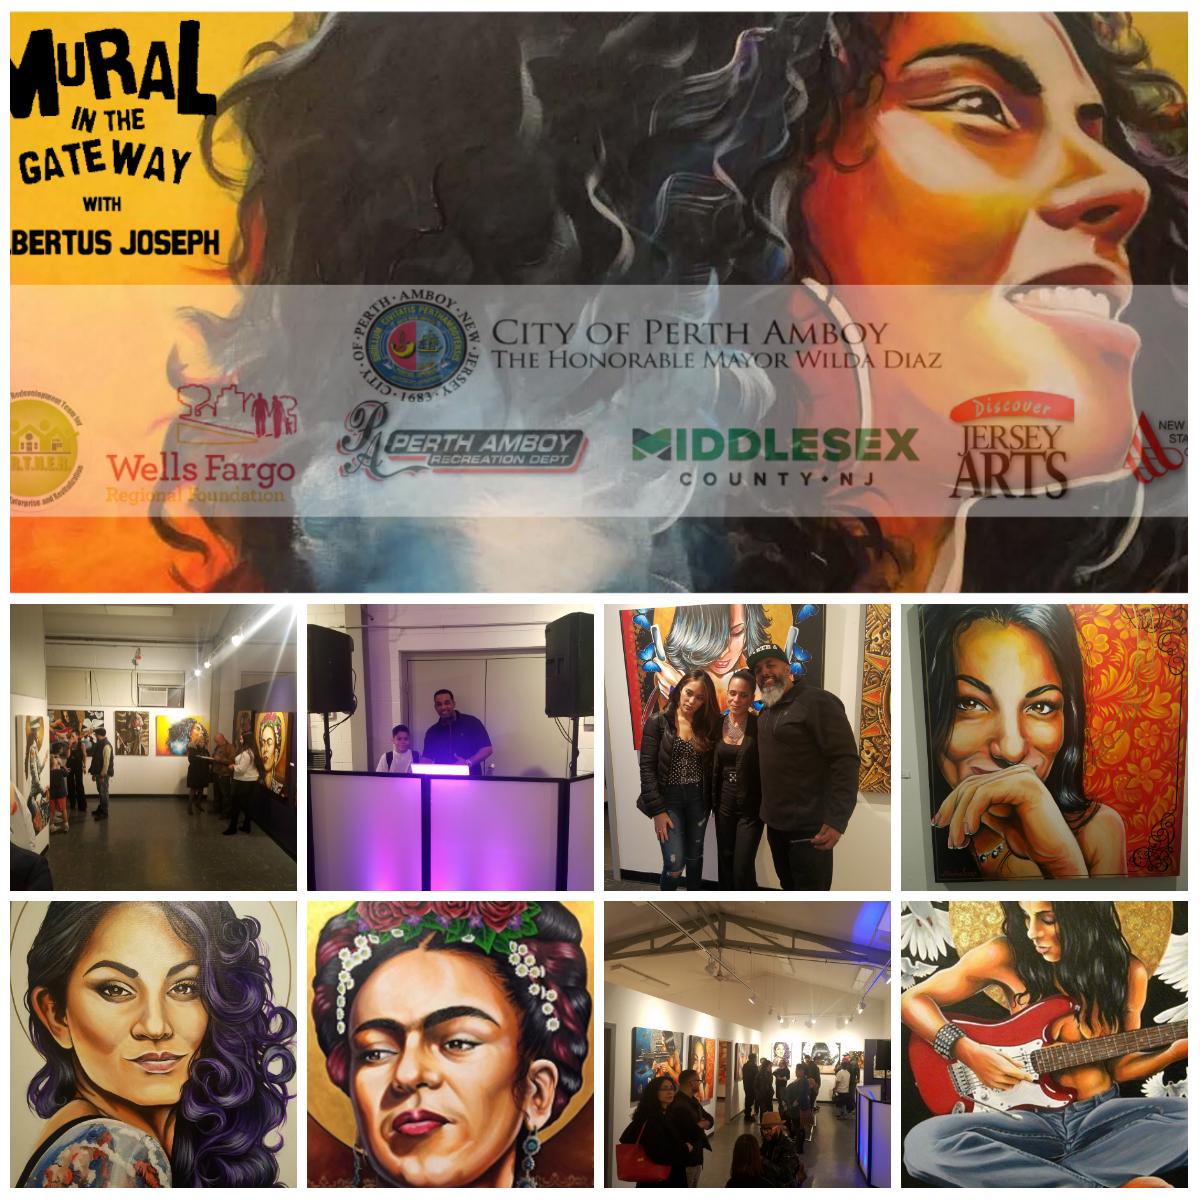 Mural Art Show March 2017